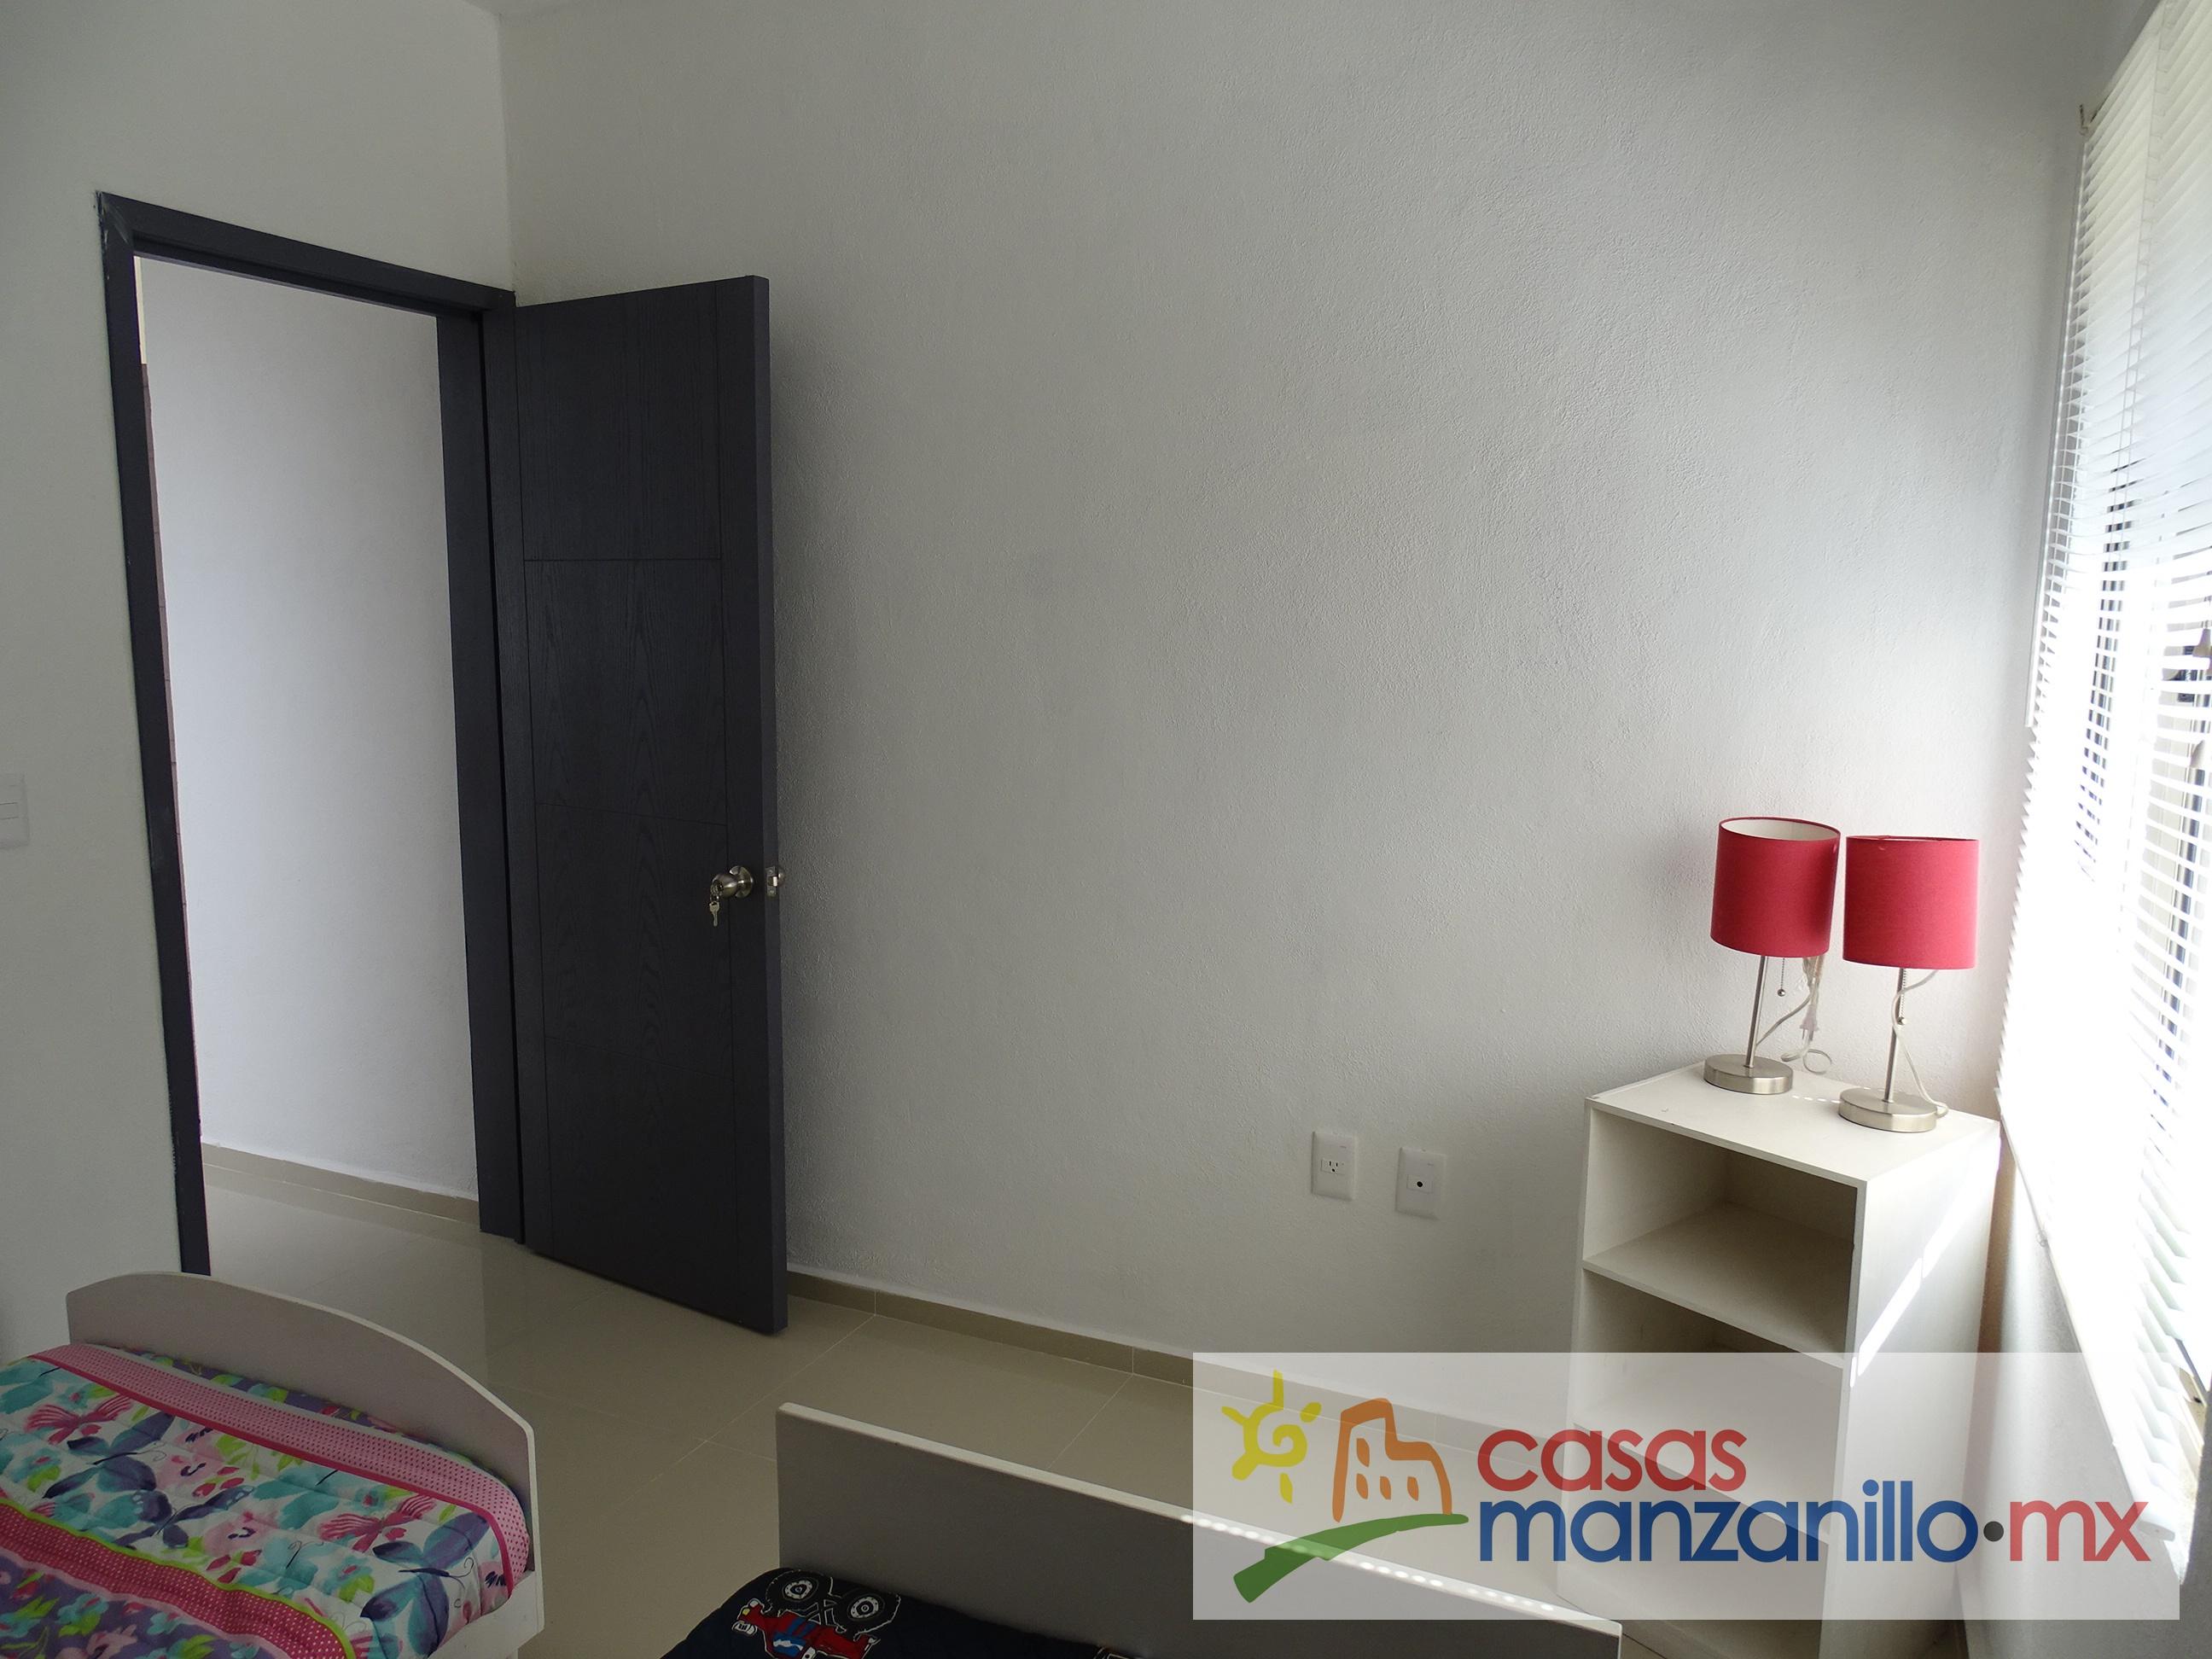 Casas Venta Manzanillo - Los Altos (13).